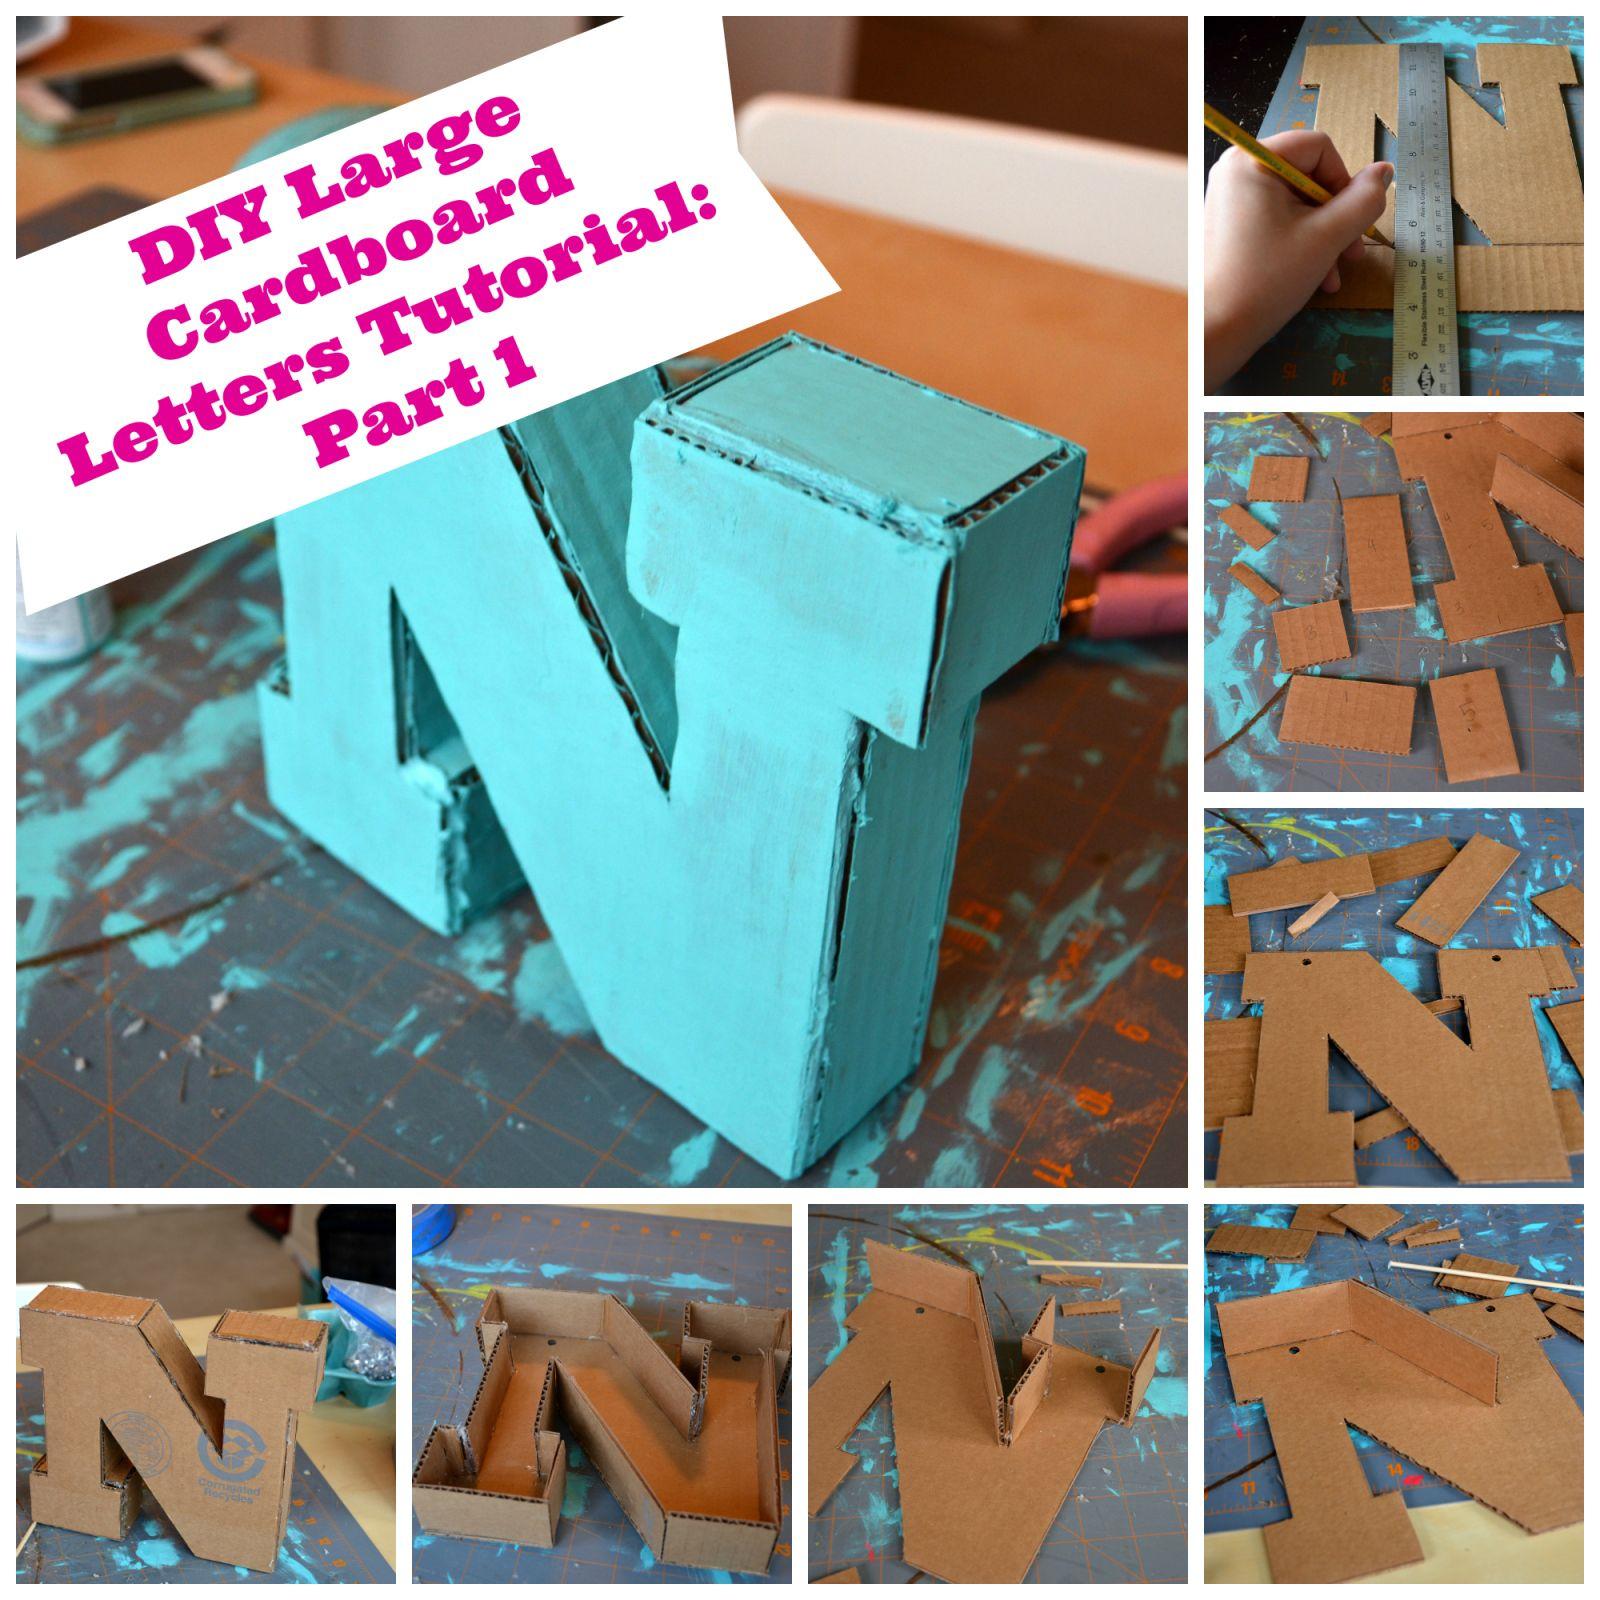 Diy Large Cardboard Letters Part 1 Large Cardboard Letters Cardboard Letters Diy Cardboard